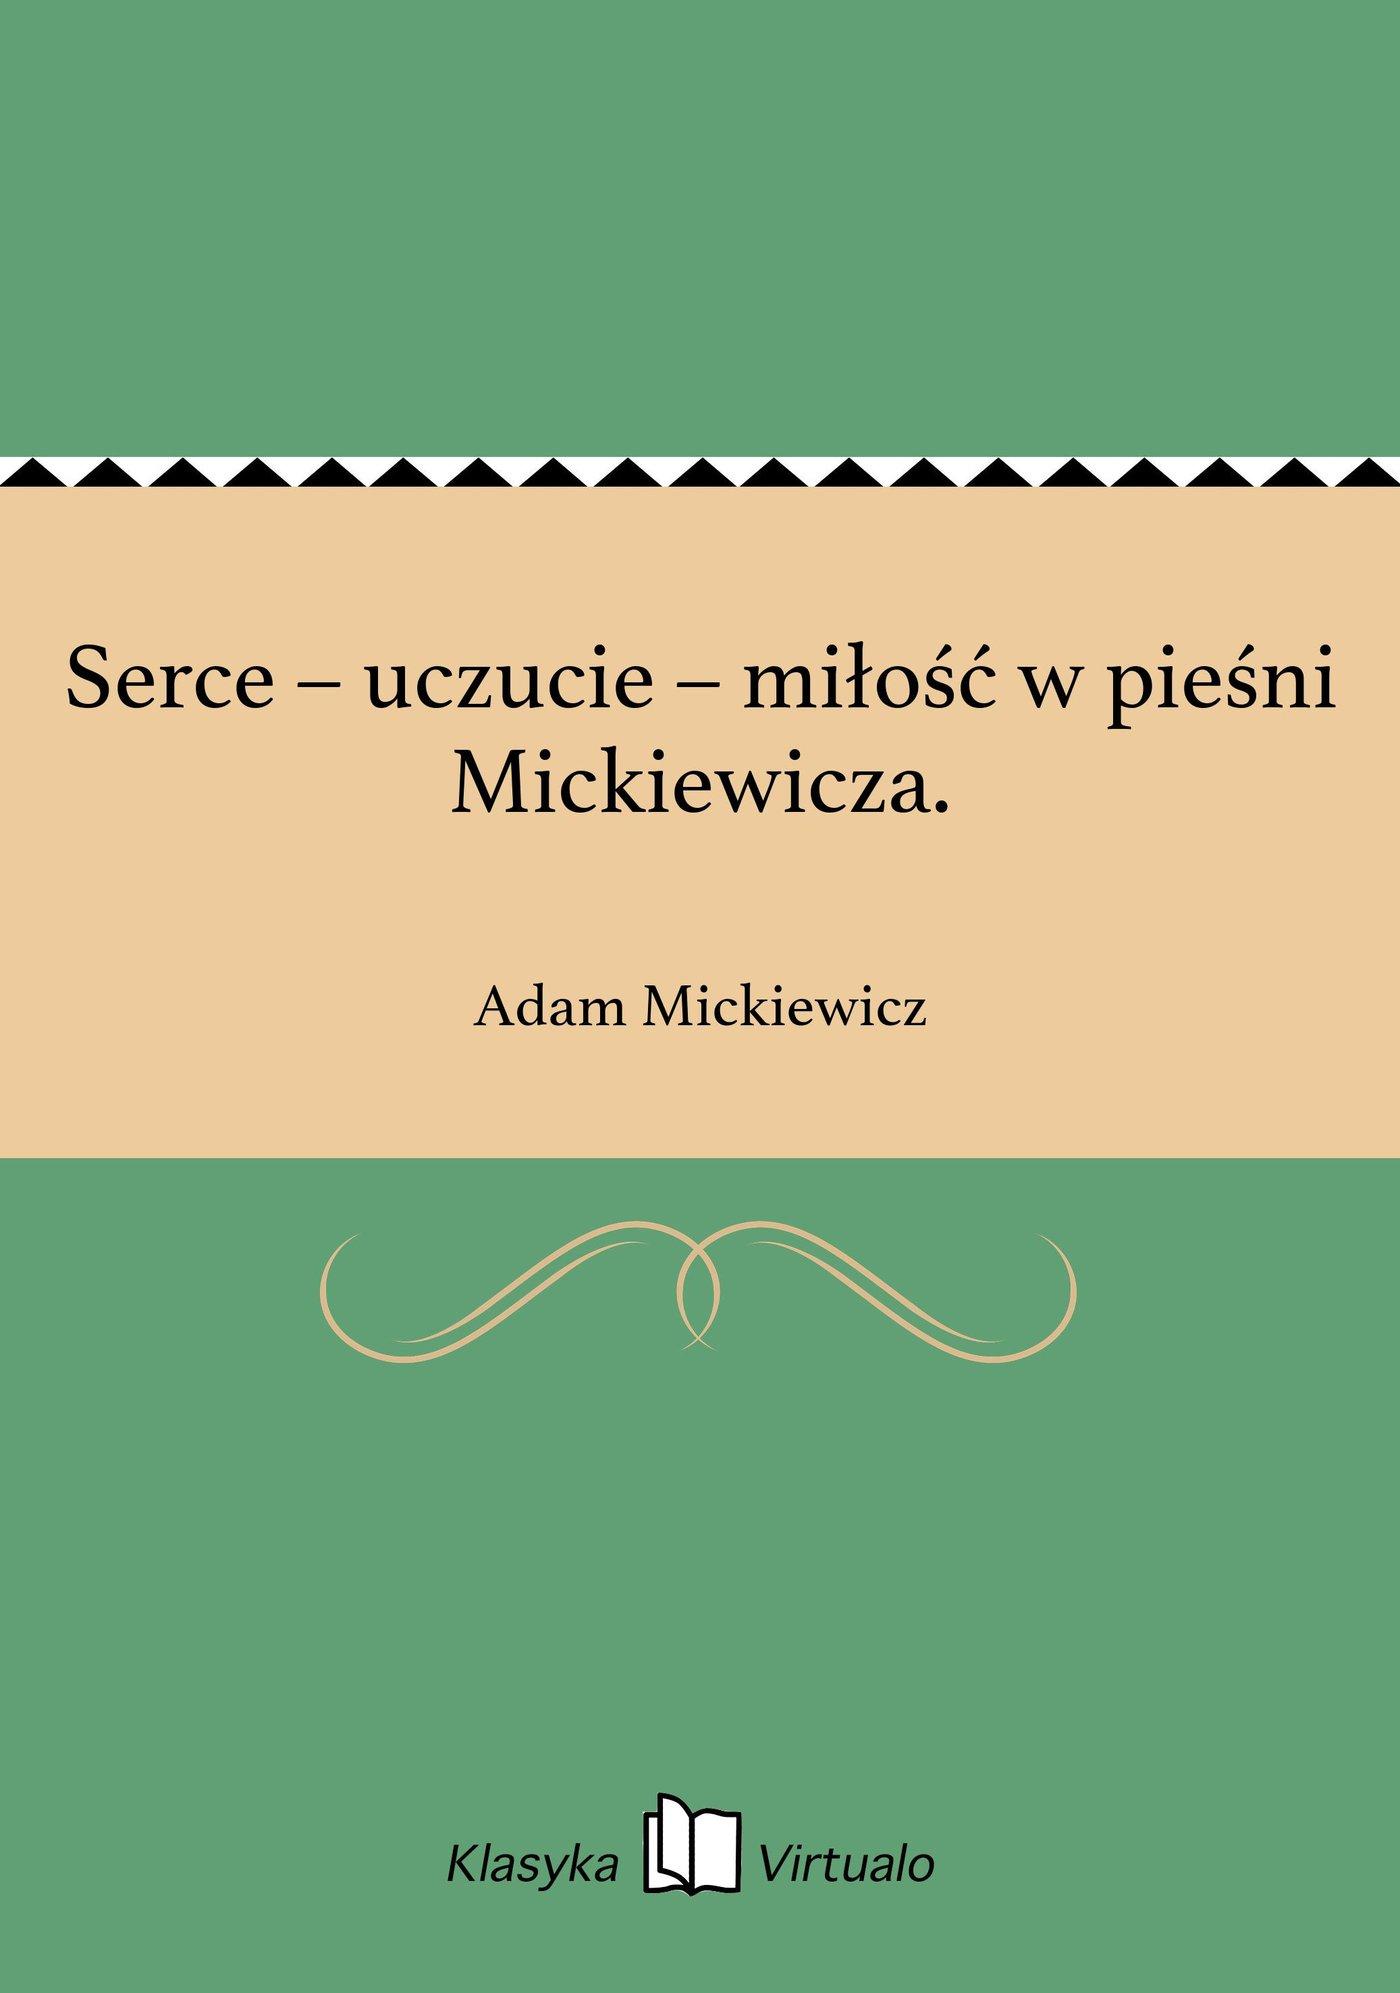 Serce – uczucie – miłość w pieśni Mickiewicza. - Ebook (Książka EPUB) do pobrania w formacie EPUB